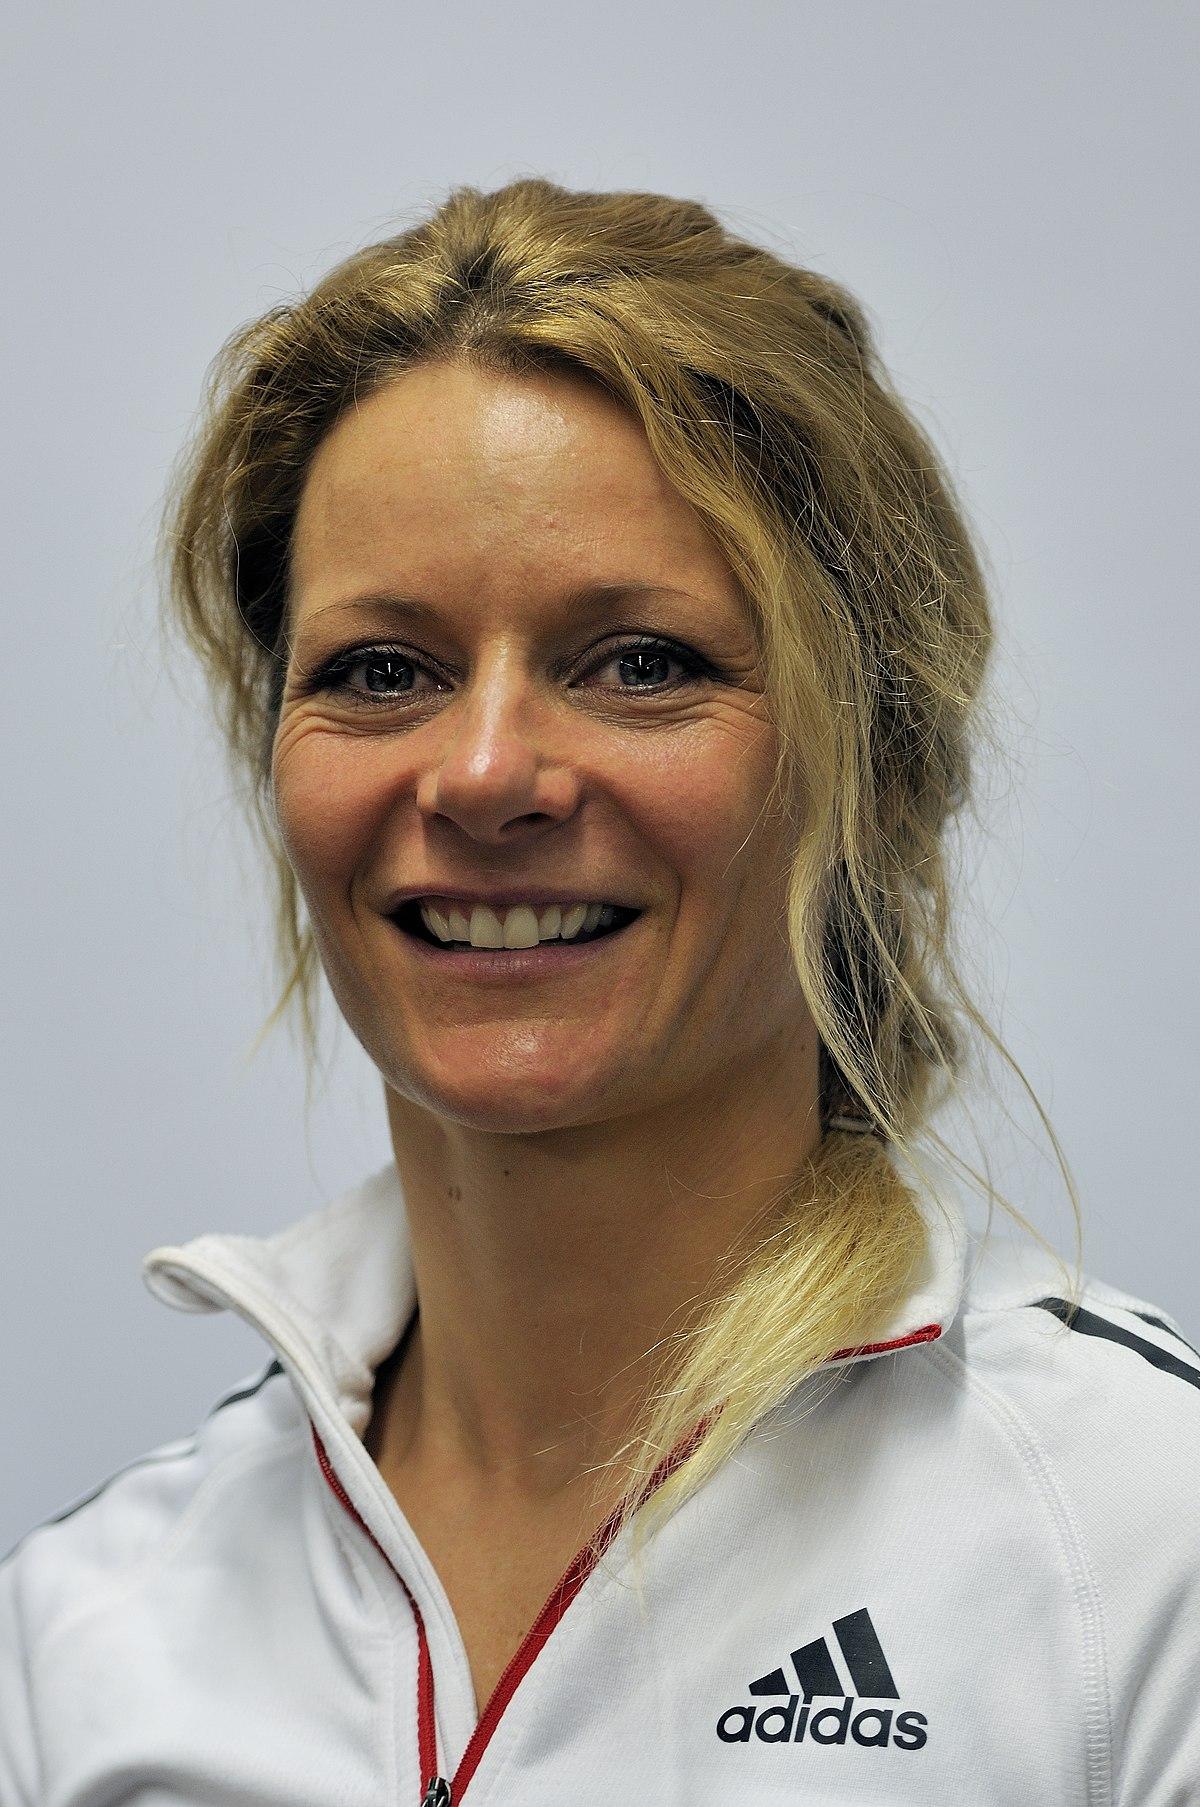 Claudia Nystad naked